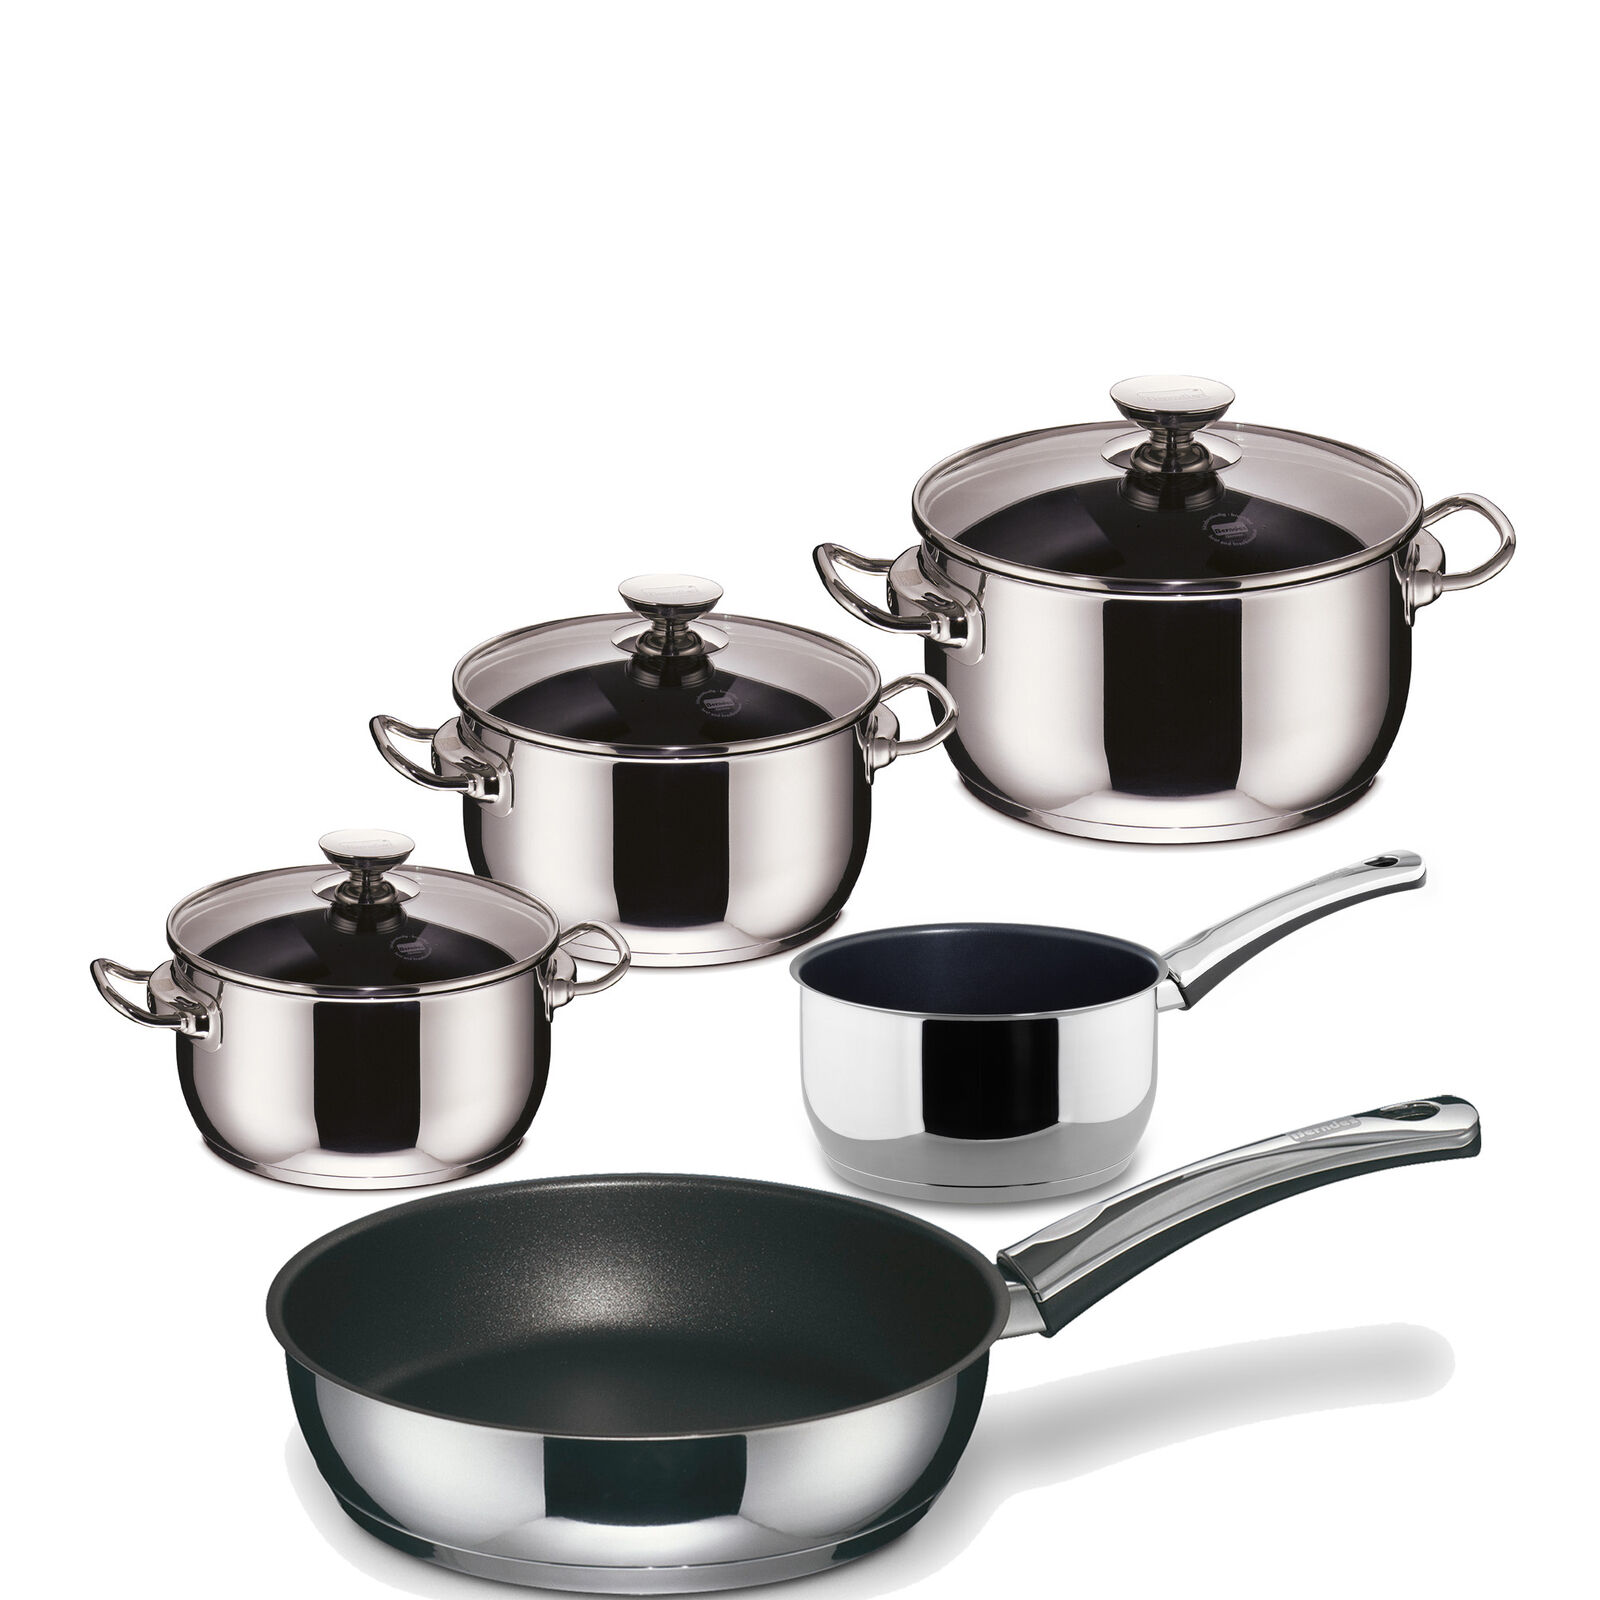 Berndes INJOY Special Edition inducción utensilios 5 piezas de acero inoxidable